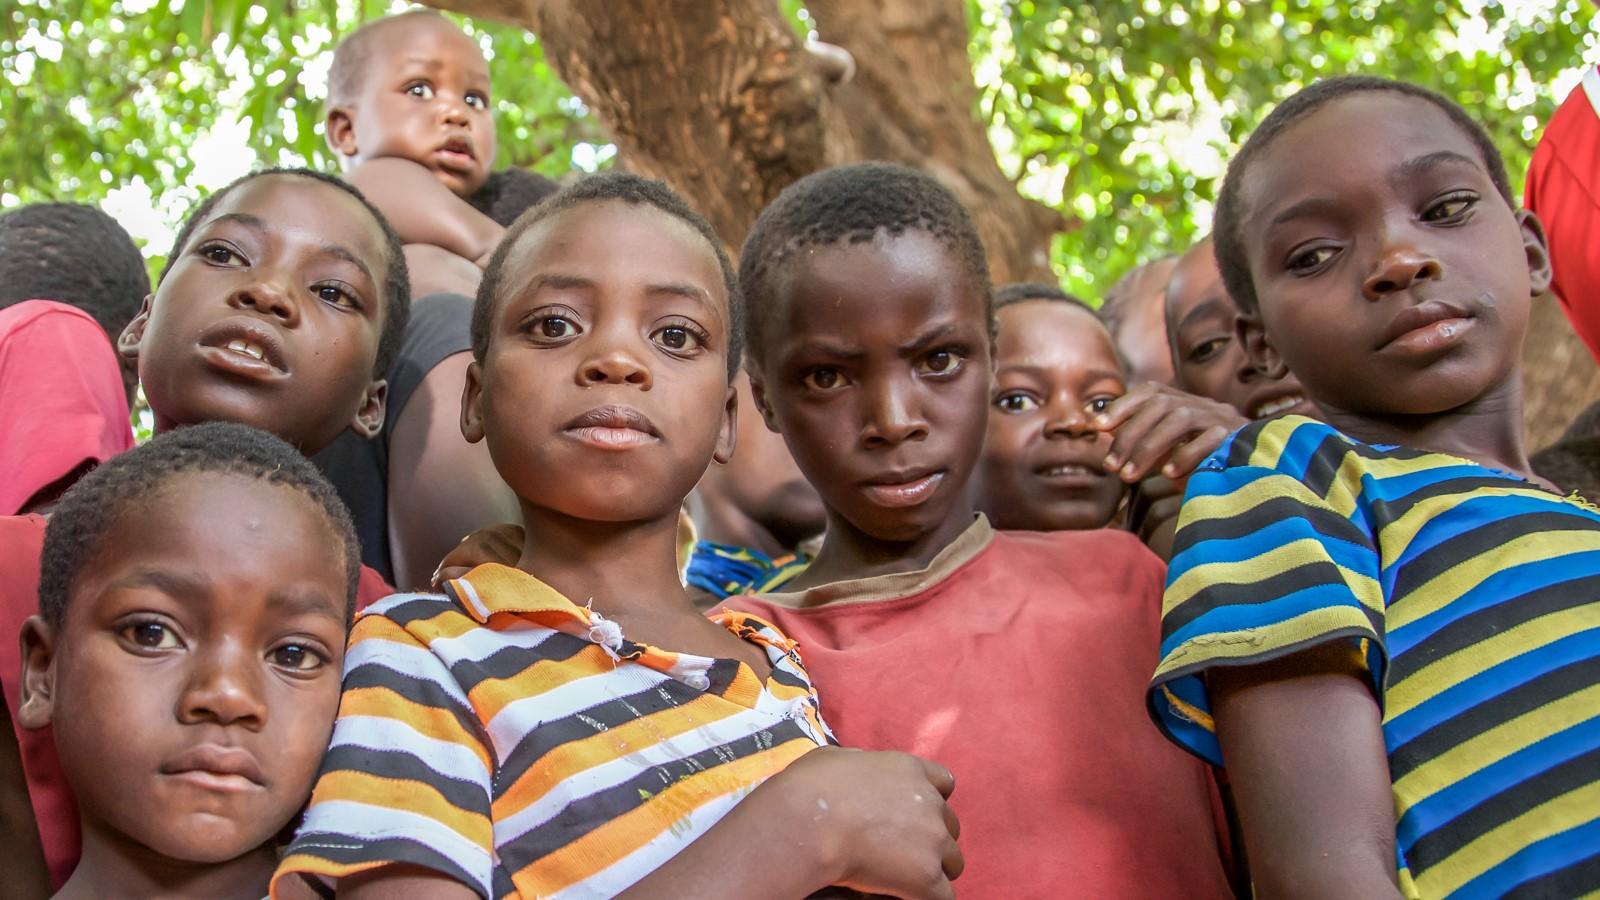 Malawi boys.jpg